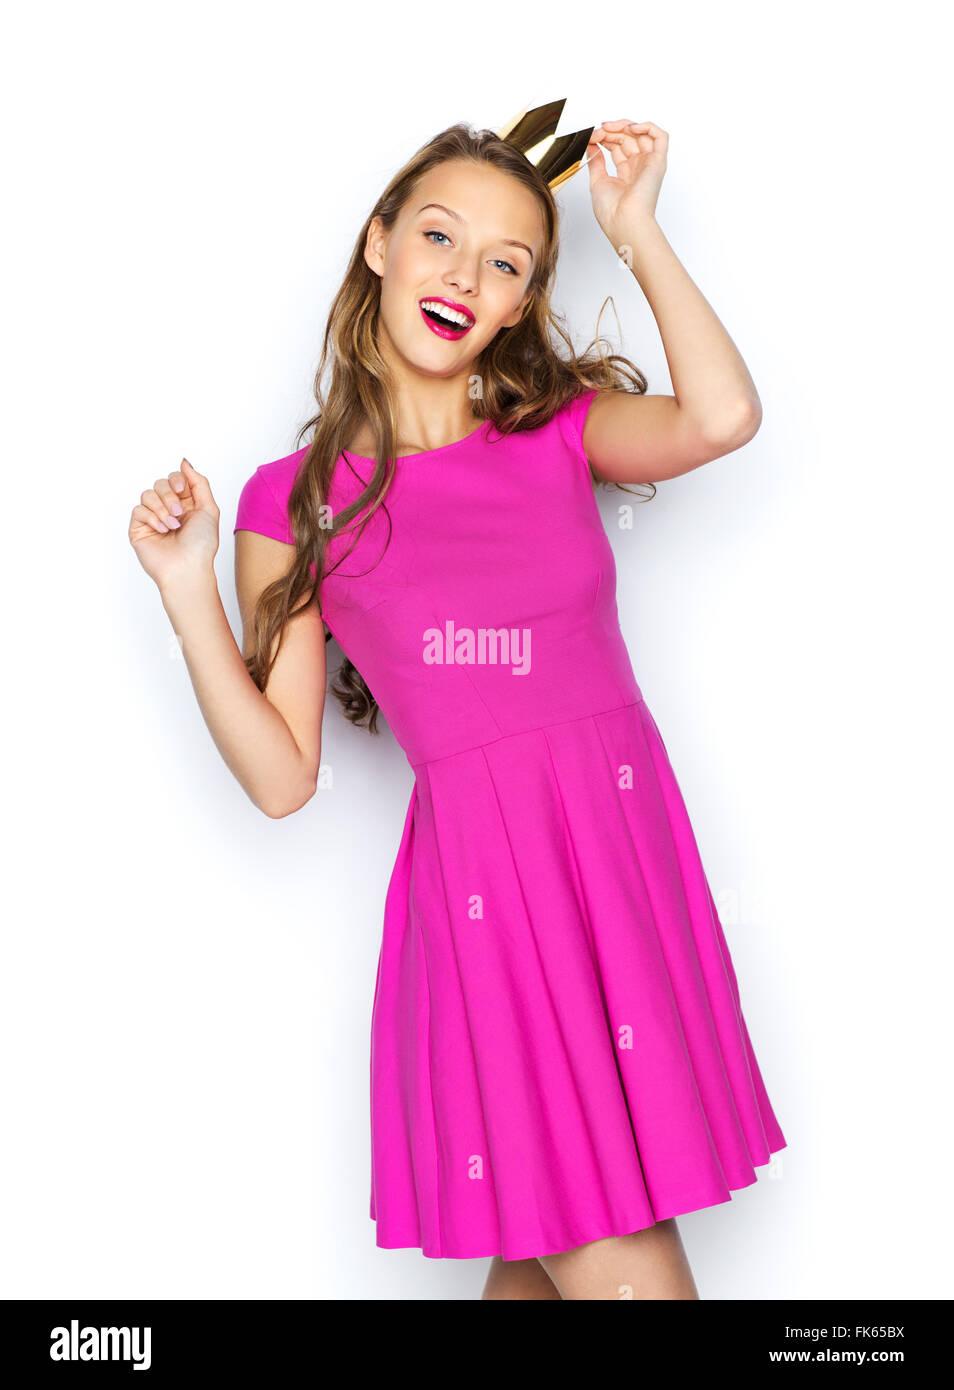 Teen Girl Smiling Prom Dress Stockfotos & Teen Girl Smiling Prom ...